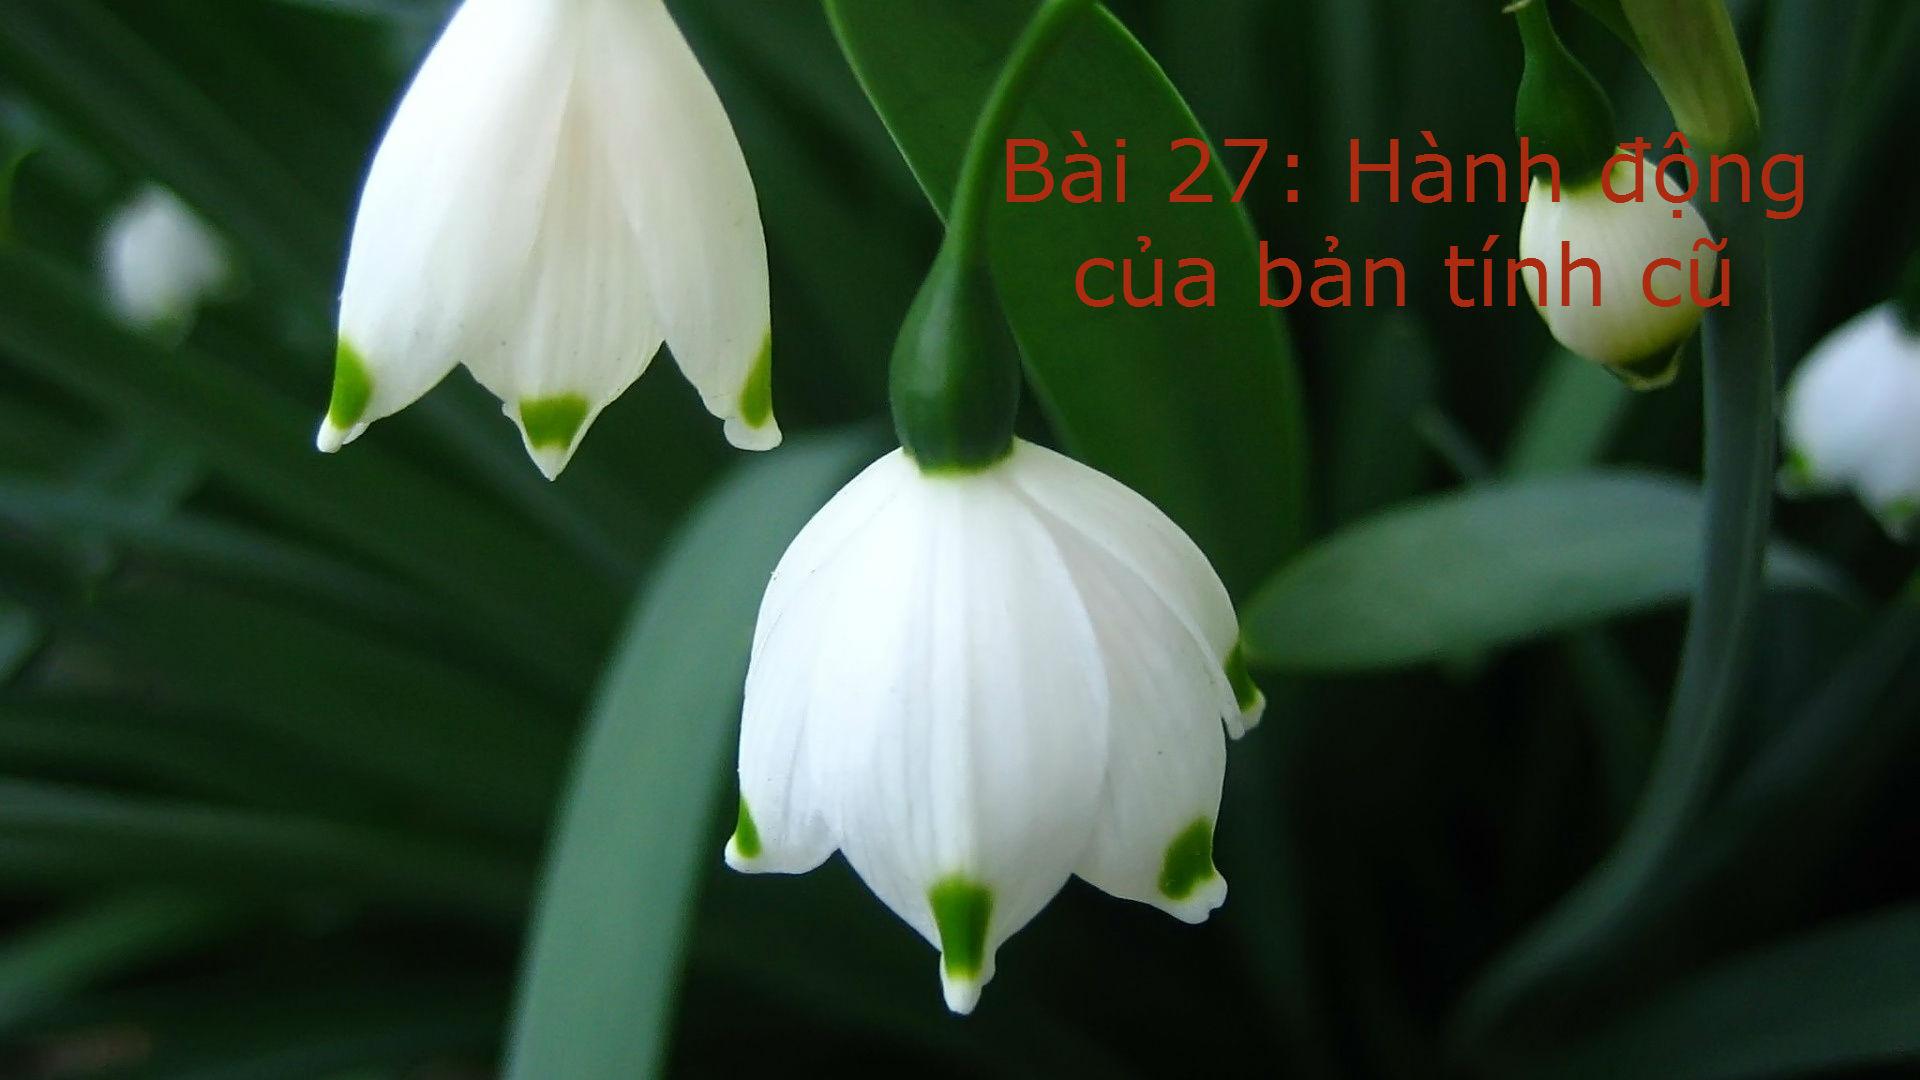 Bai 27